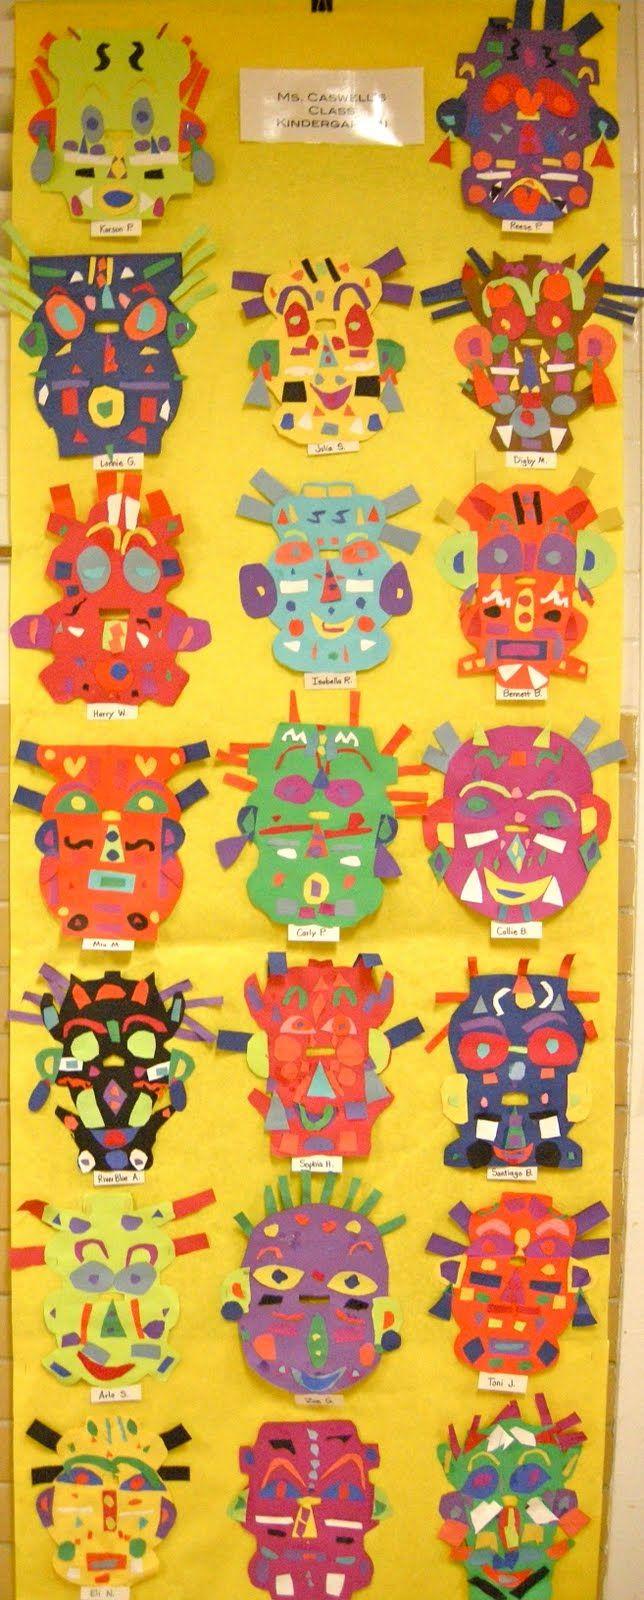 Zilker Elementary Art Class: School-wide Student Art Show   # Pinterest++ for iPad #